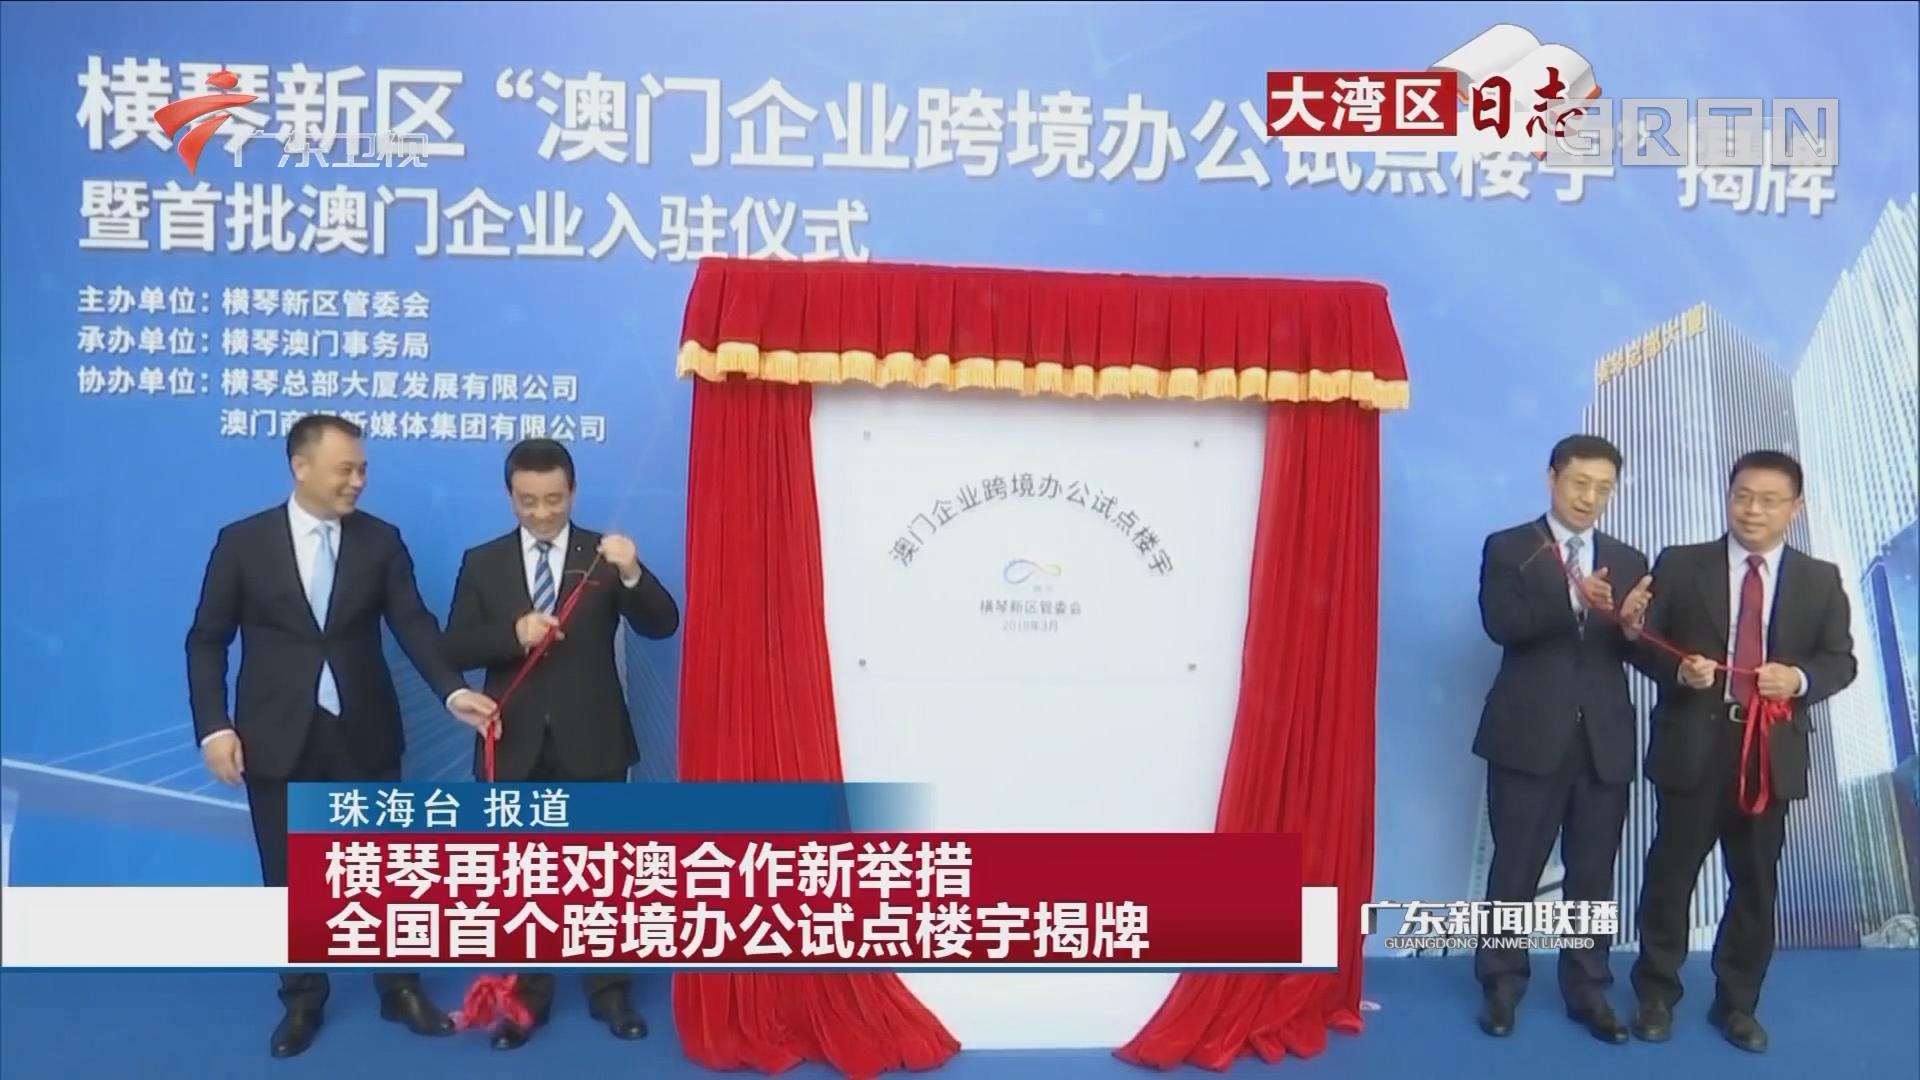 横琴再推对澳合作新举措 全国首个跨境办公试点楼宇揭牌